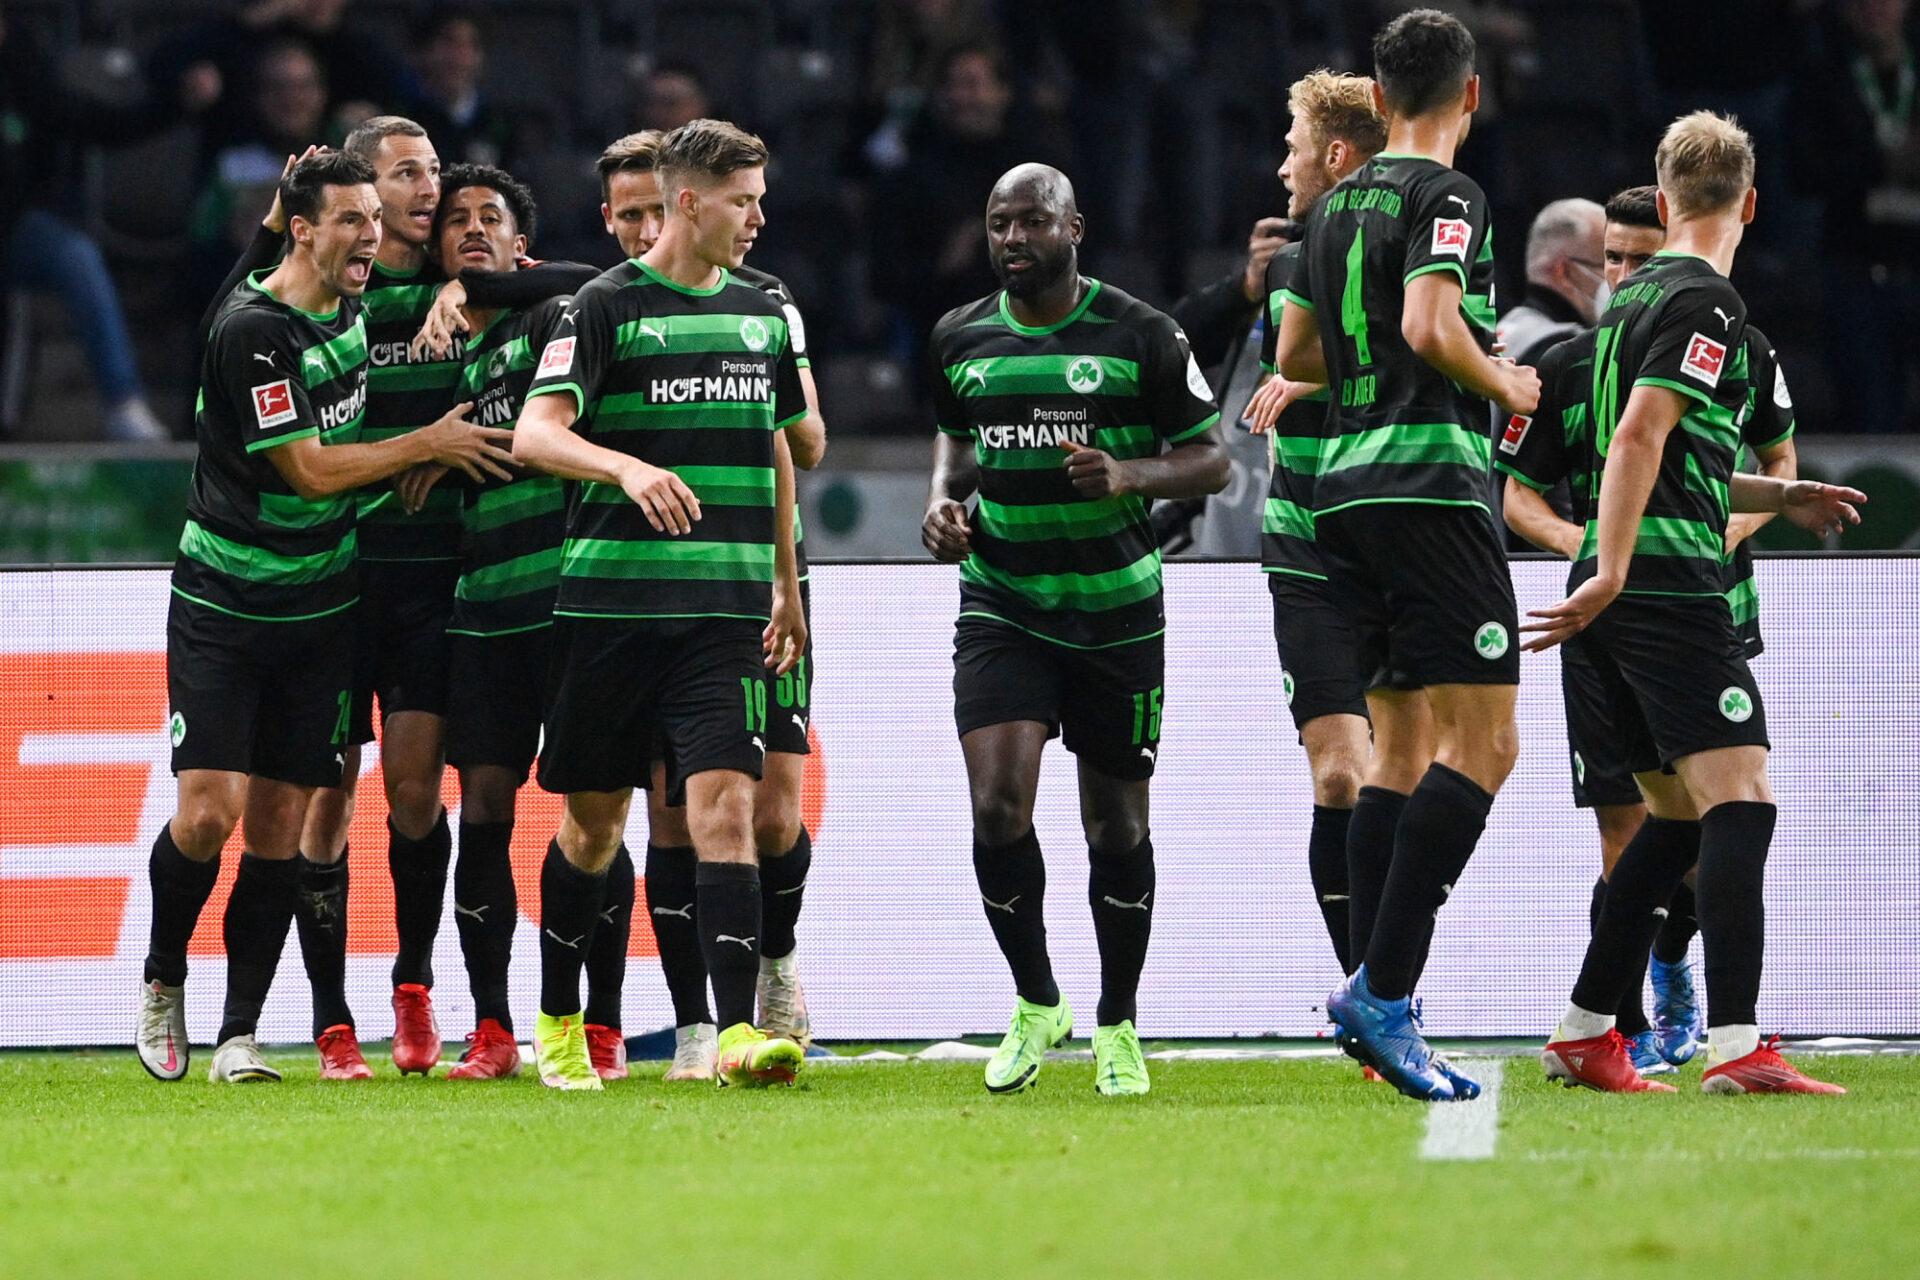 Greuther Fürth, avec l'ancien international néerlandais Jetro Willems au centre, accumule les défaites depuis le début de la saison. Icon Sport